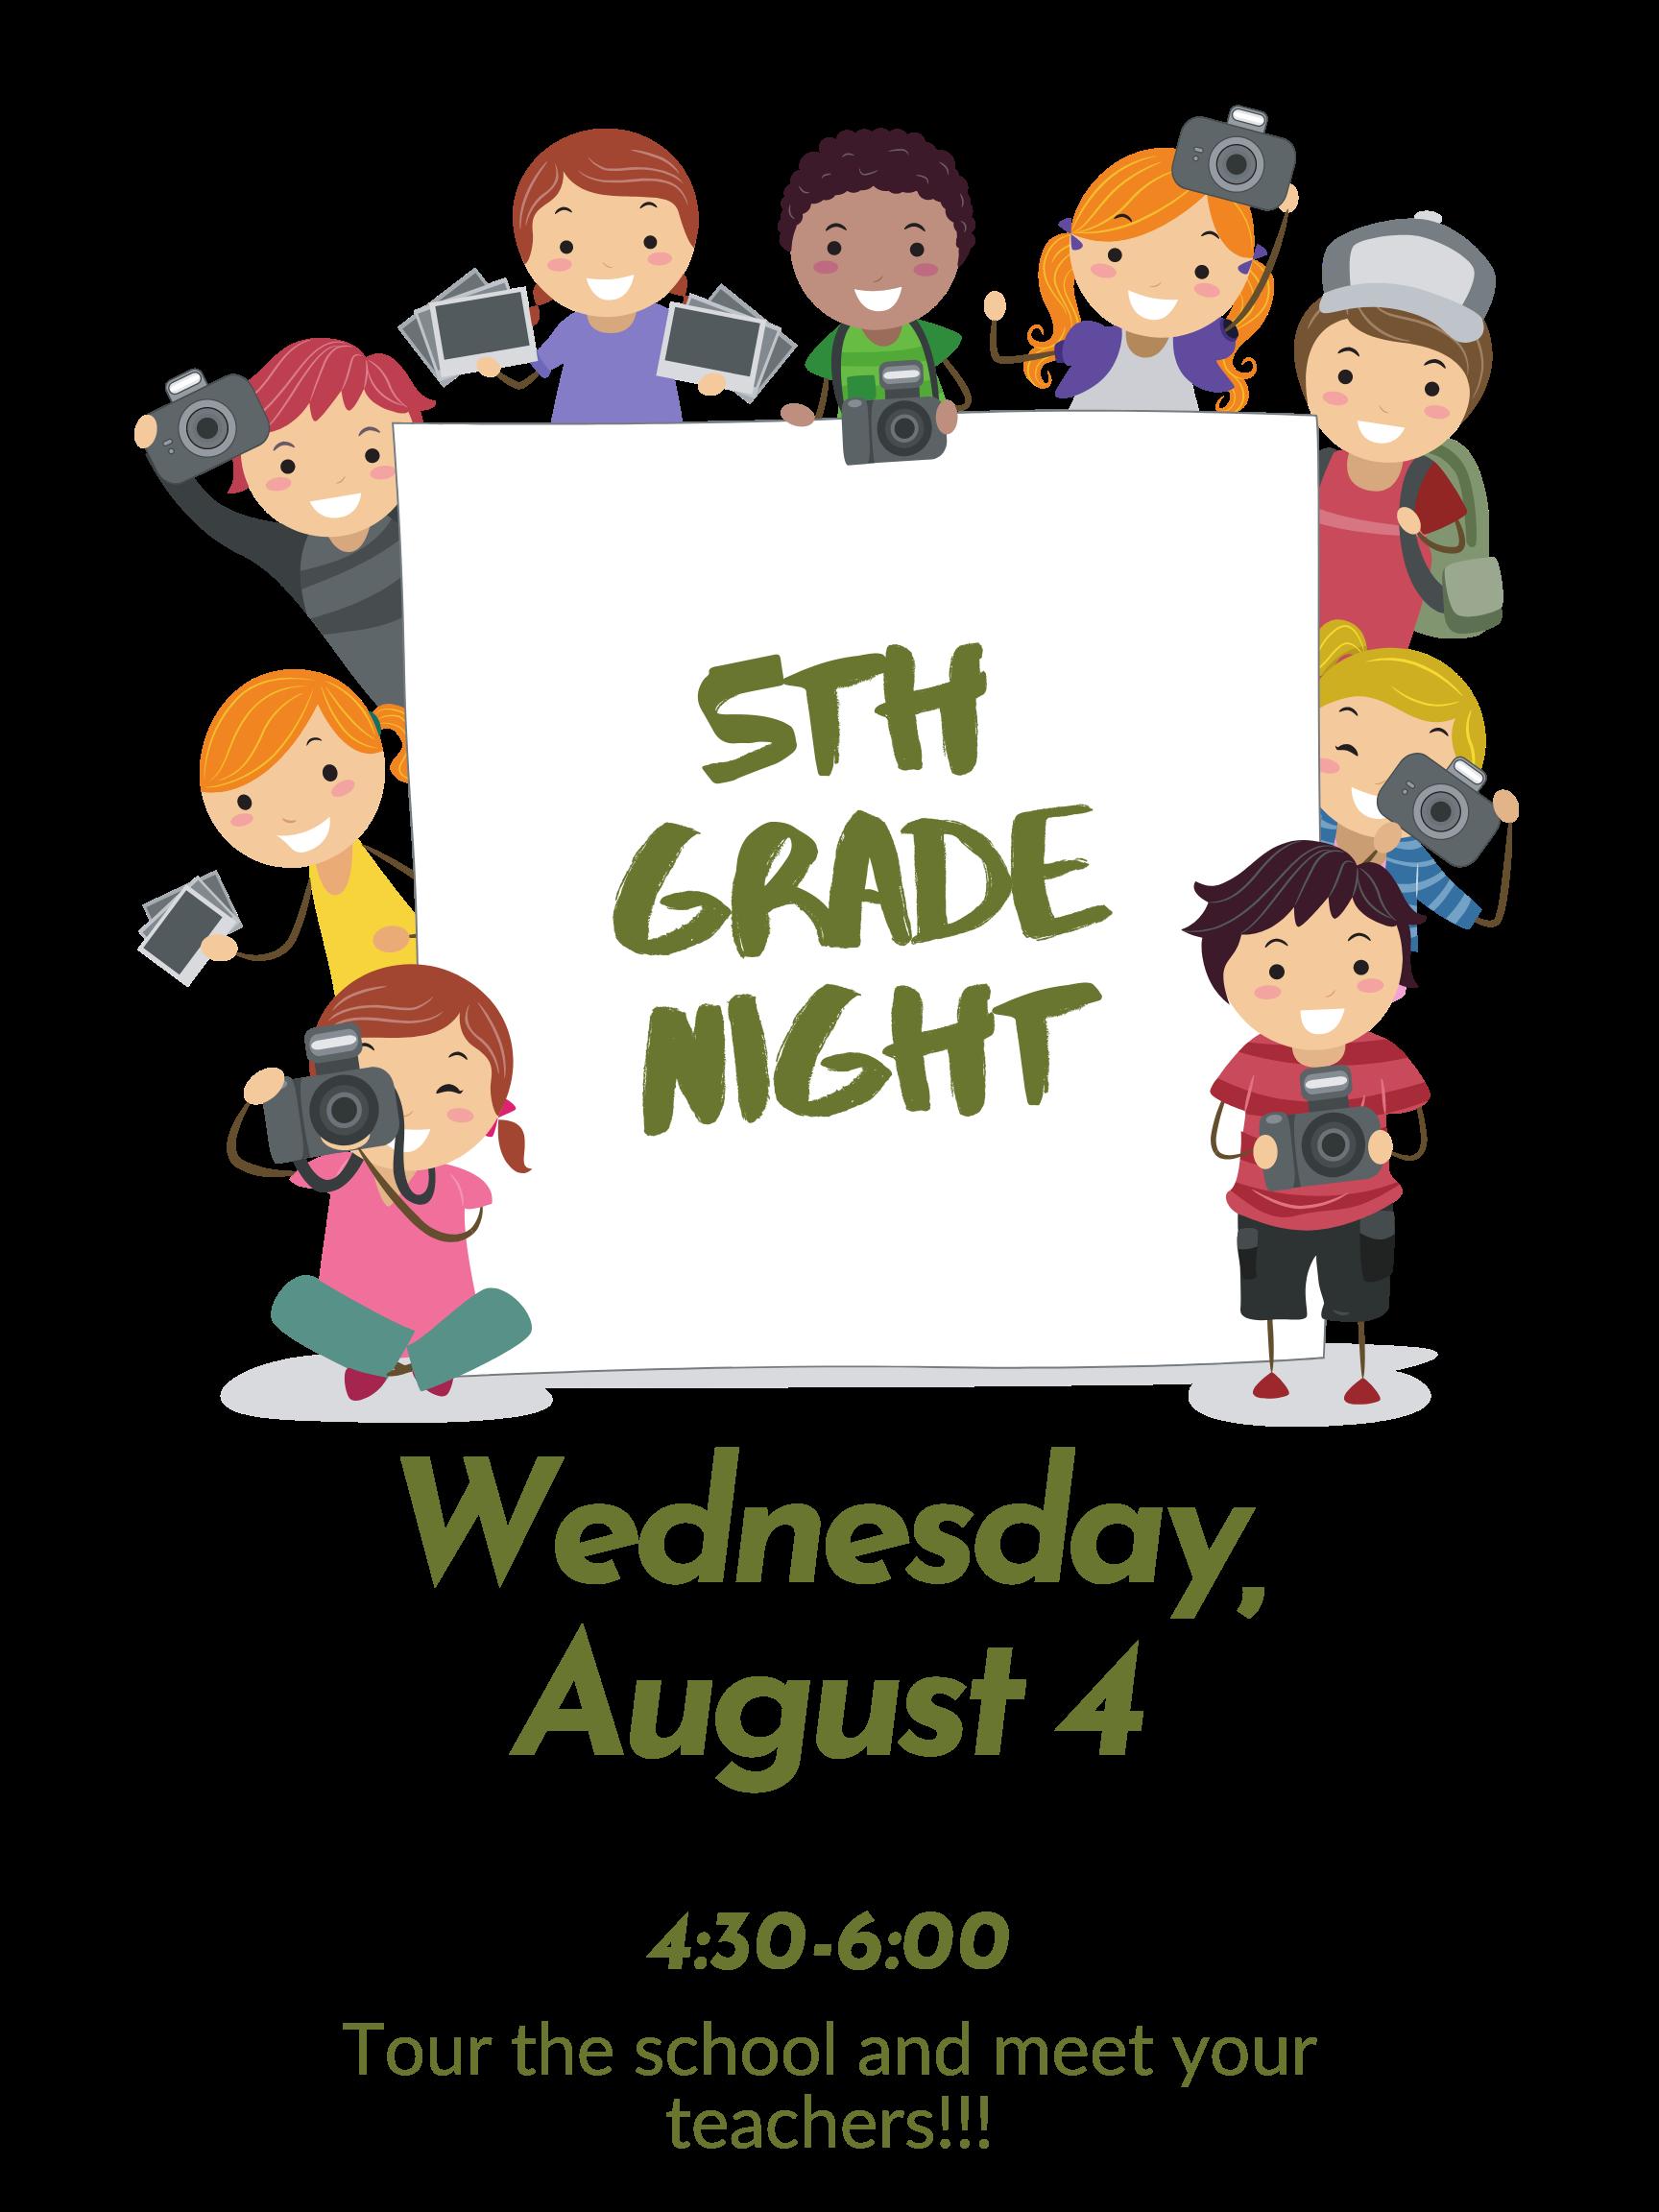 5th Grade Night